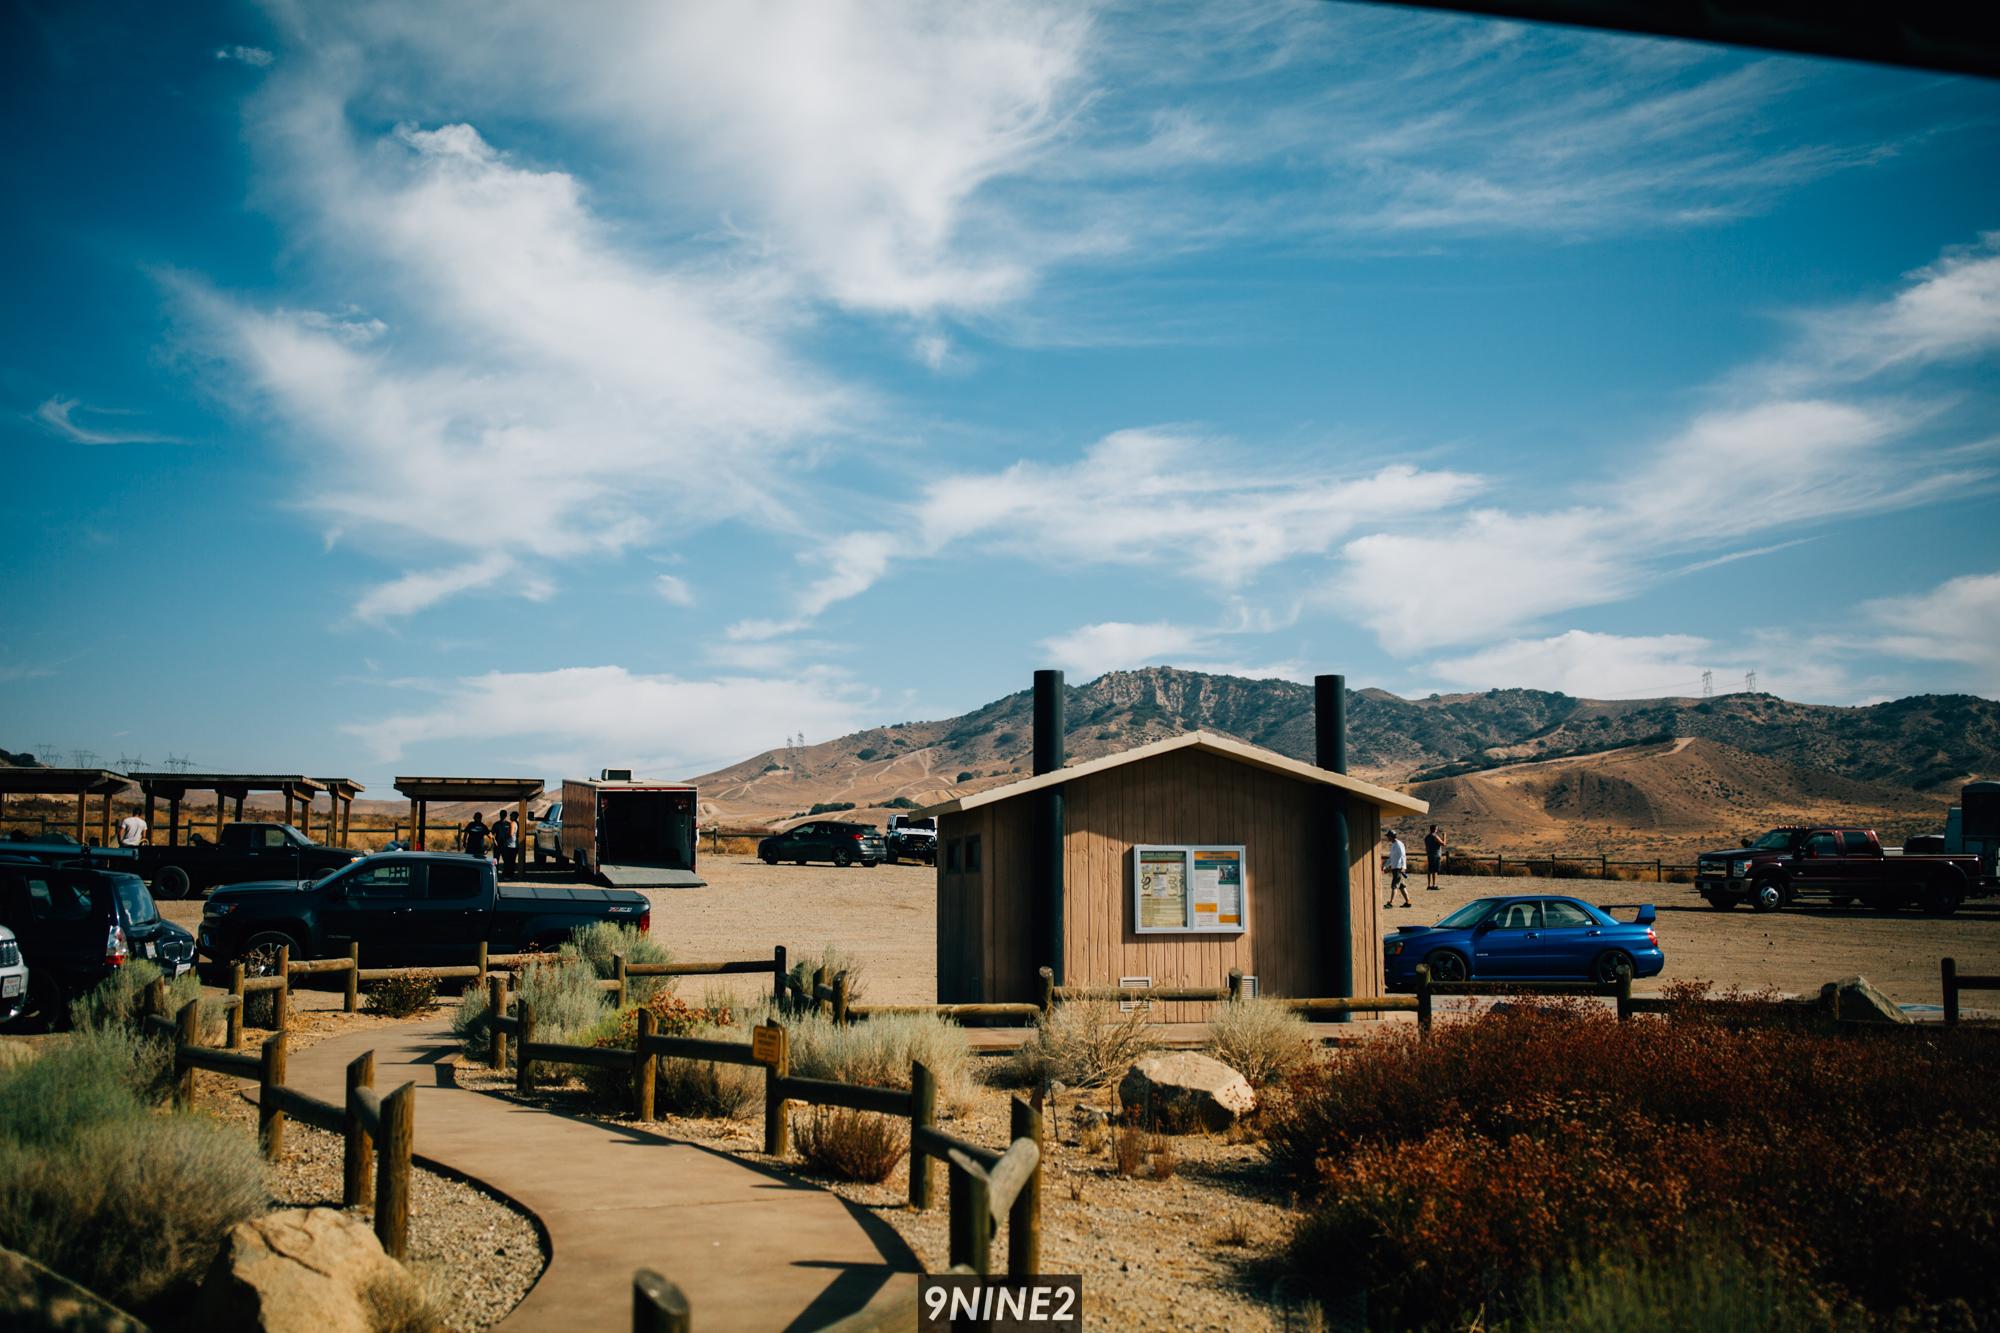 9nine2-Gorman Ridge-6549.jpg